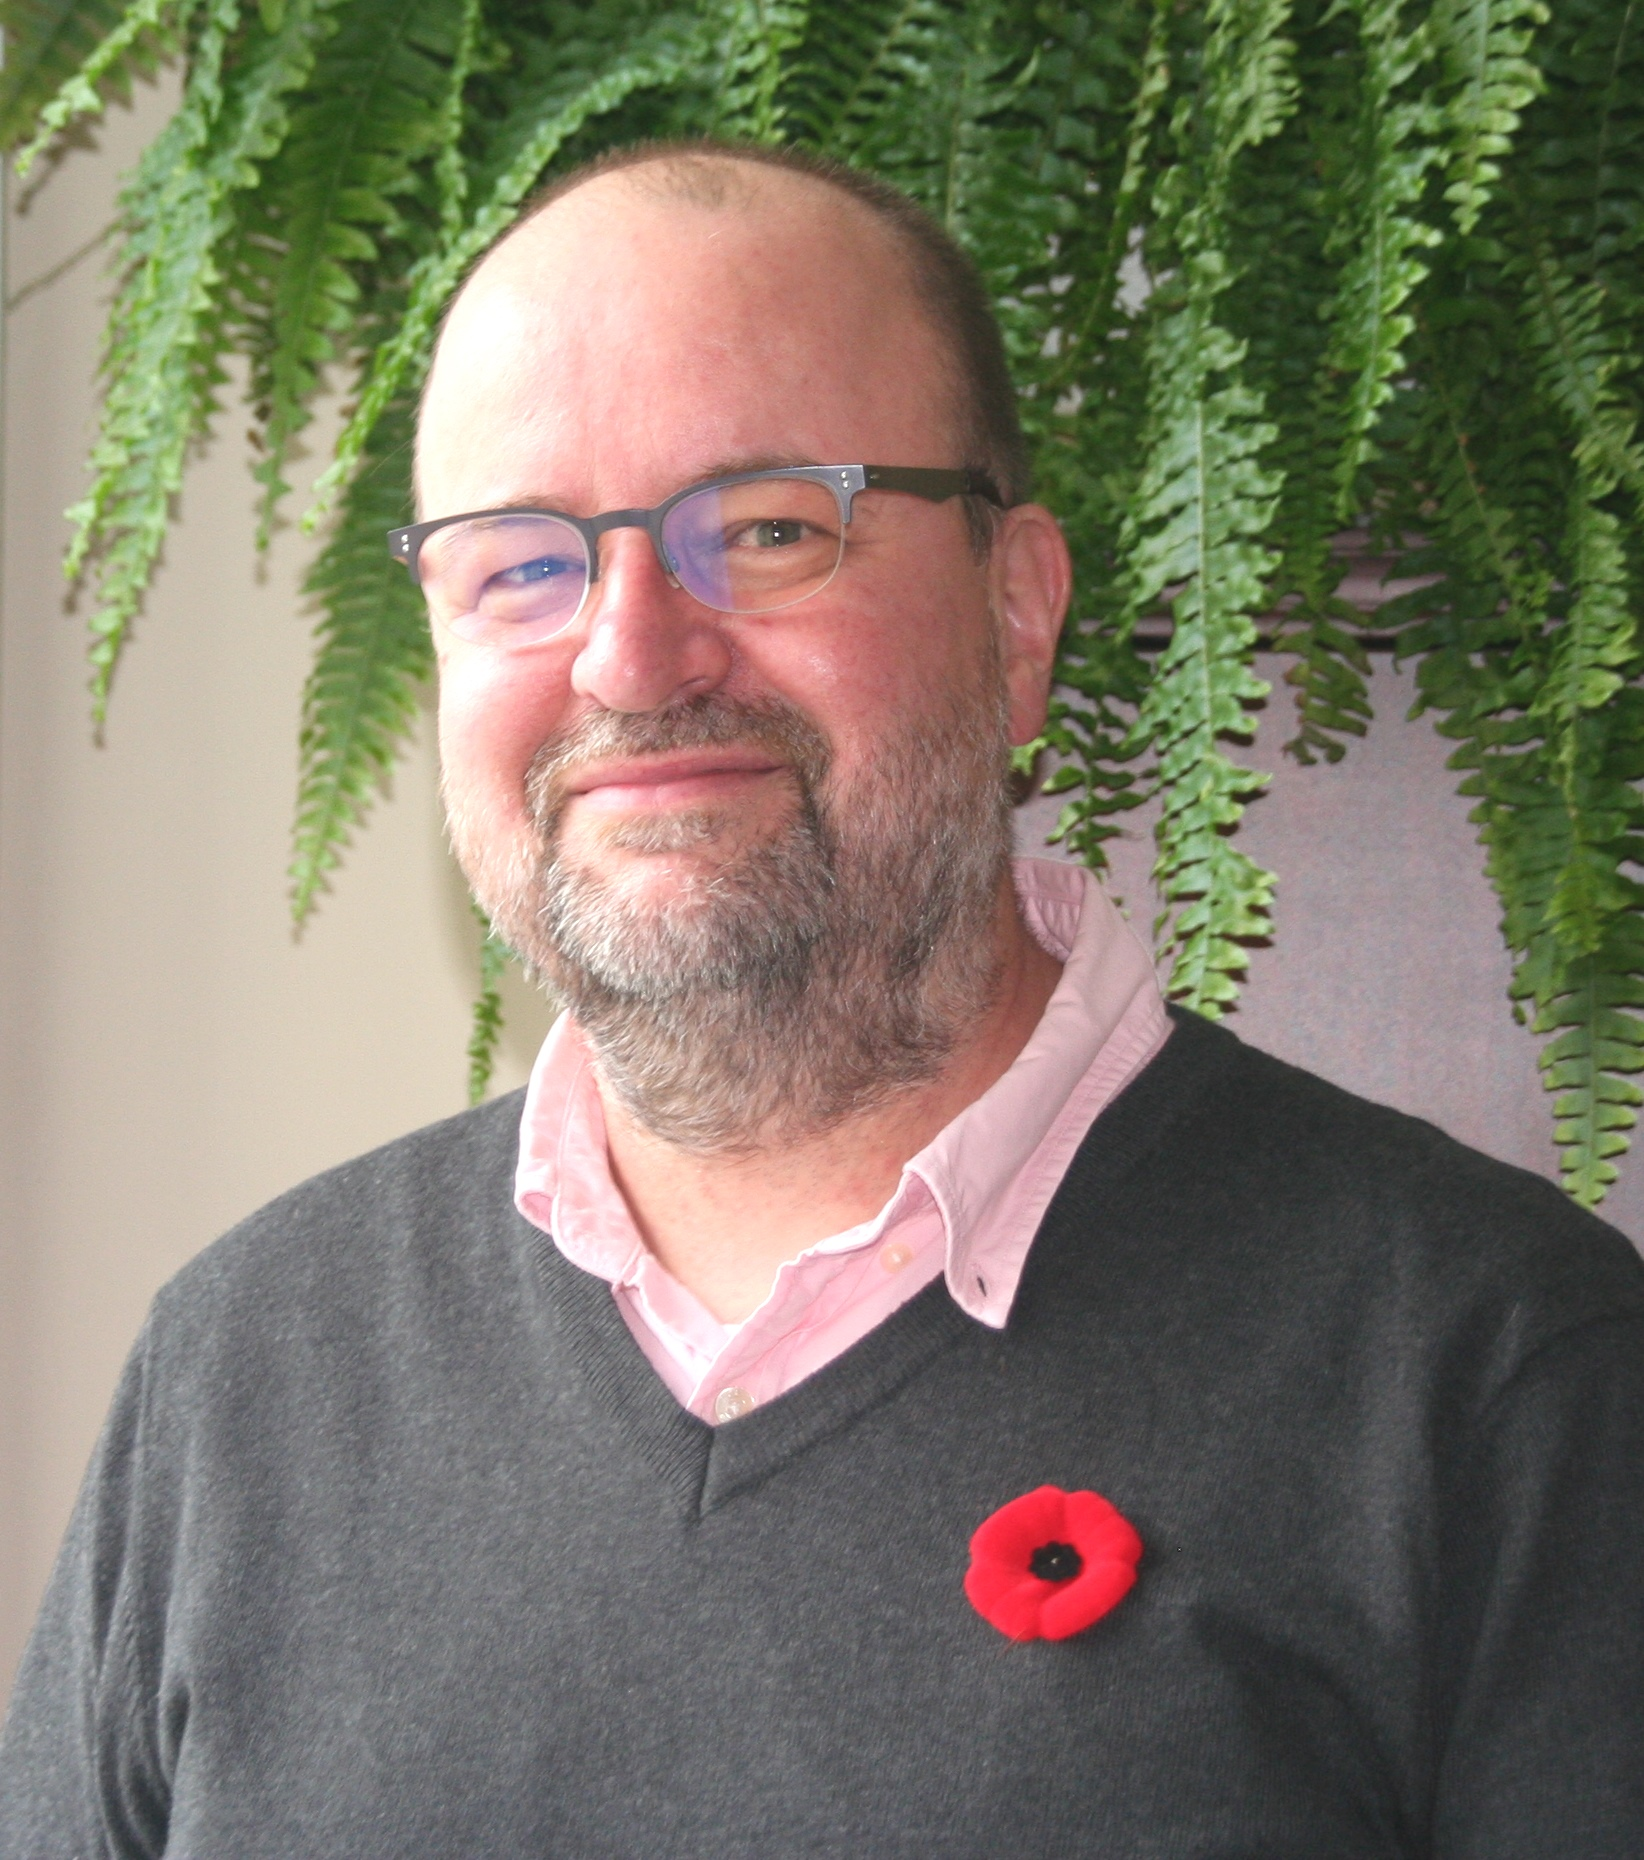 Jamie Anderson, CEO